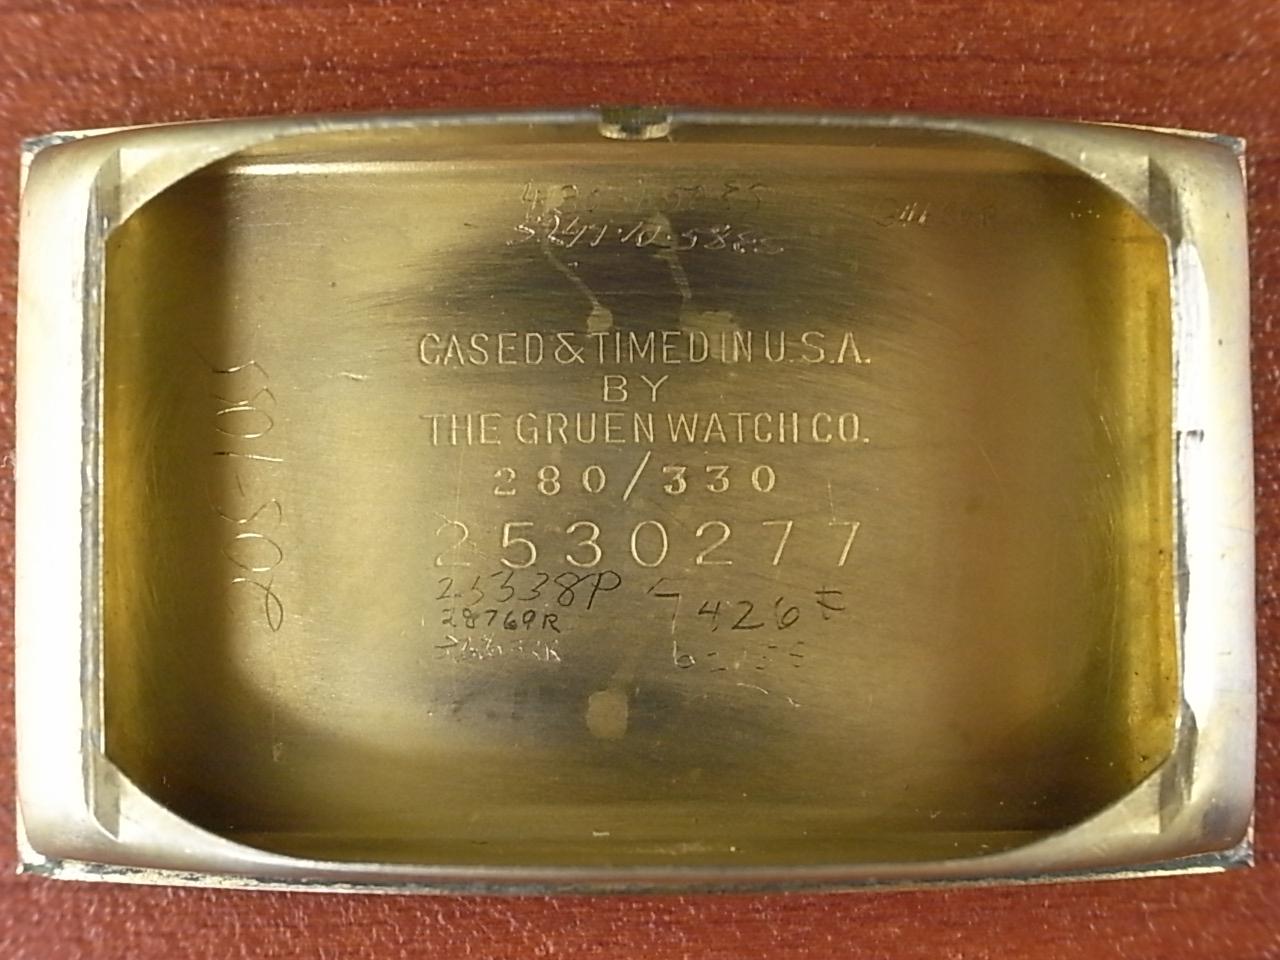 グリュエン カーベックス ブラック/ゴールド 2トーンダイアル Cal.330 1930年代 の写真6枚目